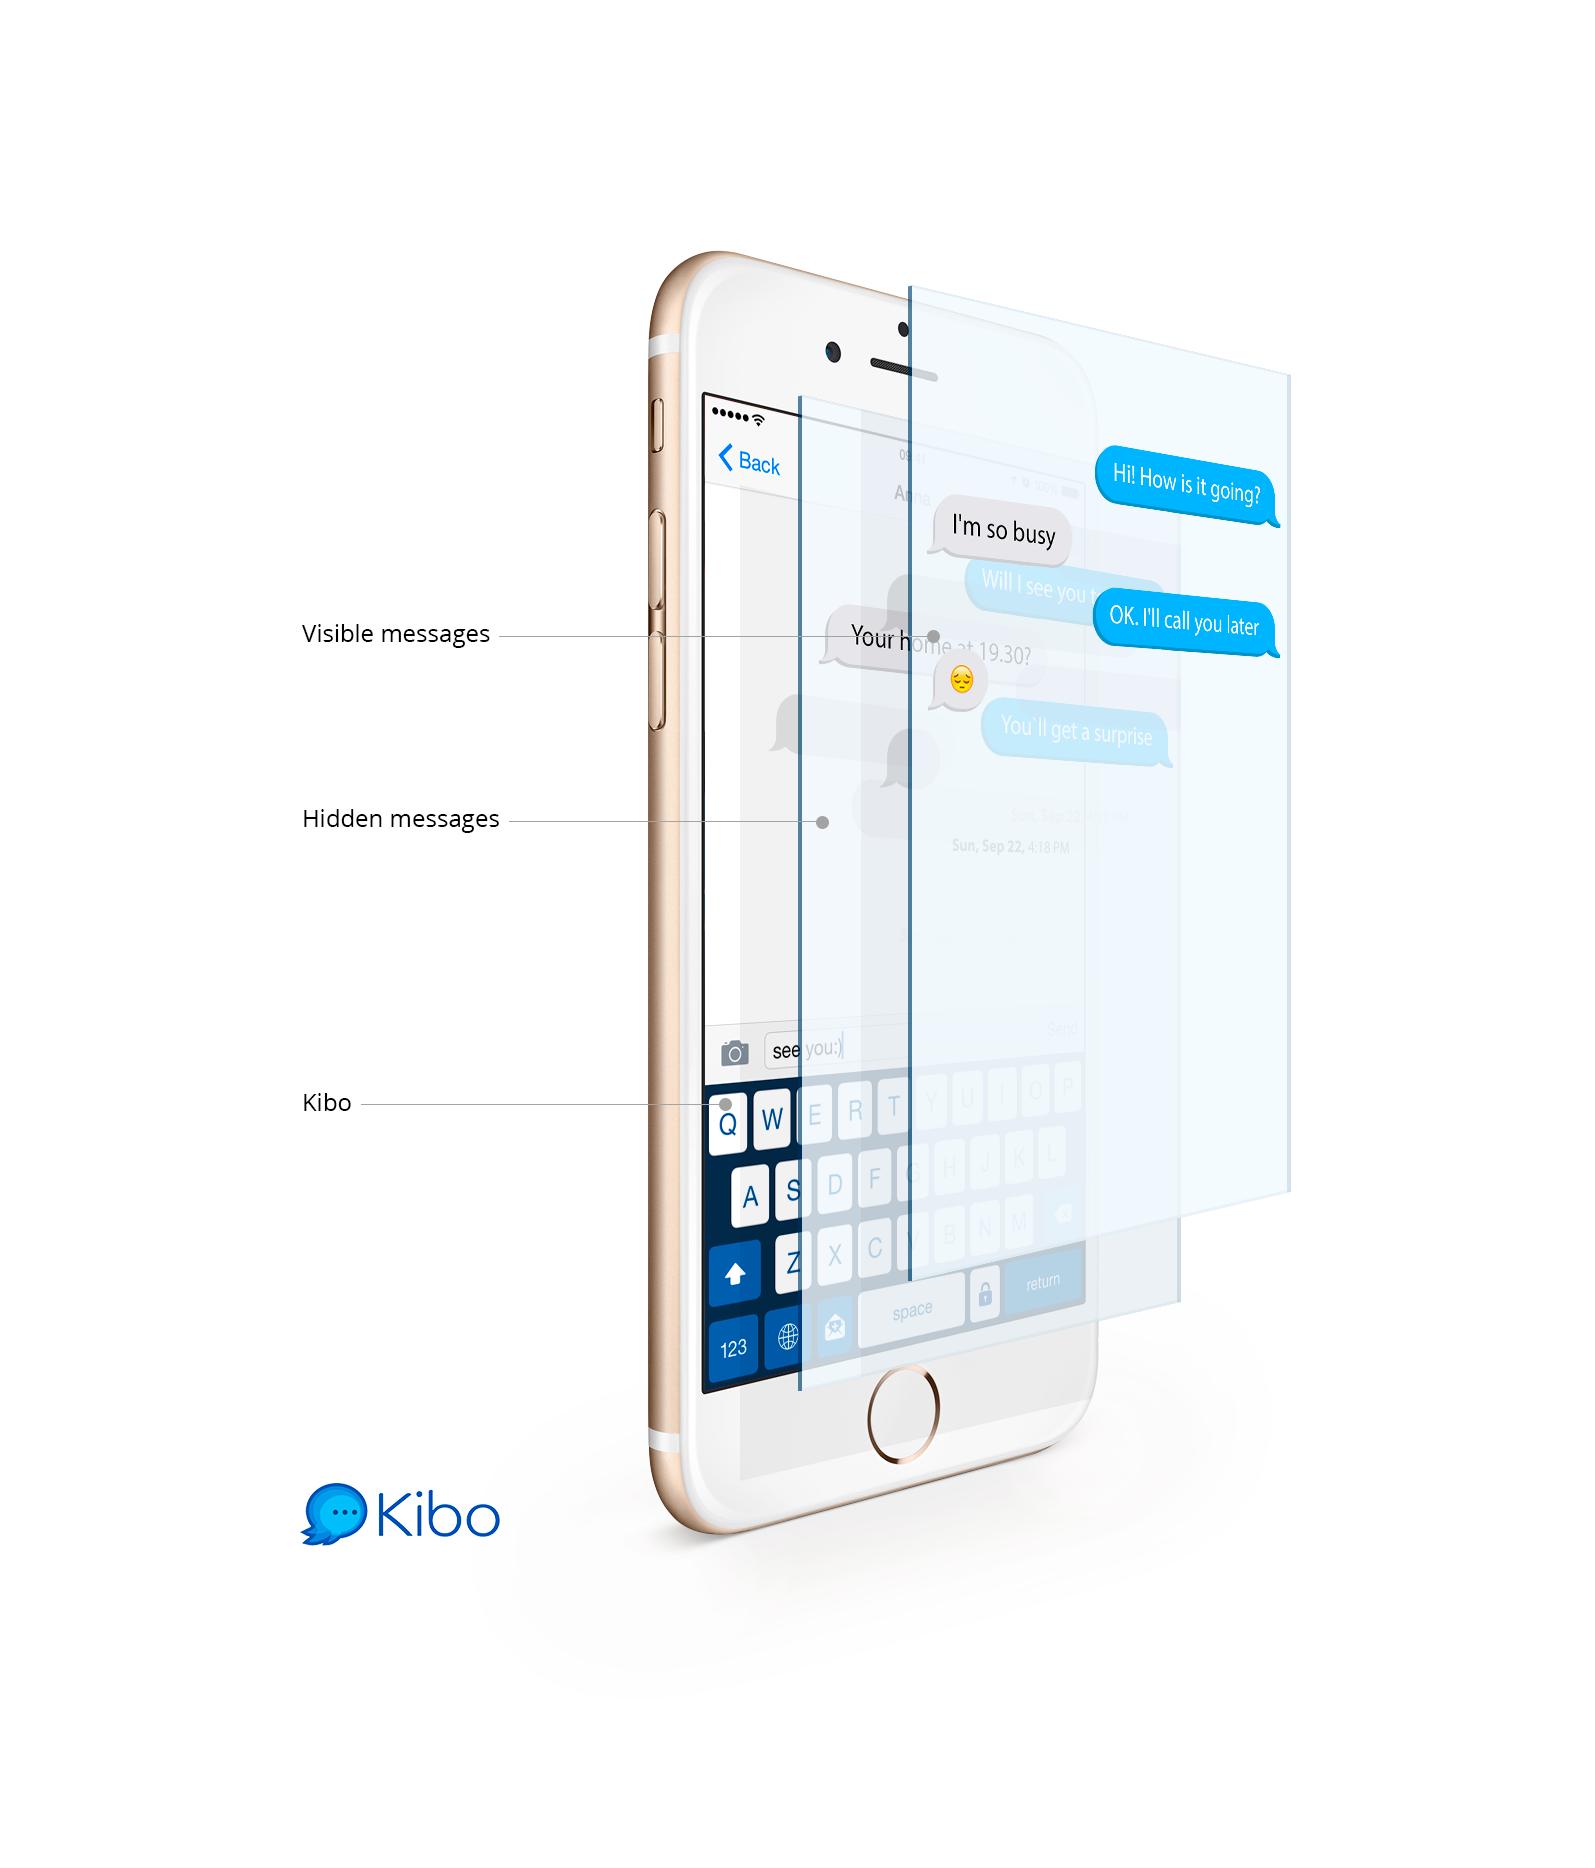 Kibo può essere utilizzato all'interno di qualsiasi app di messaggistica istantanea